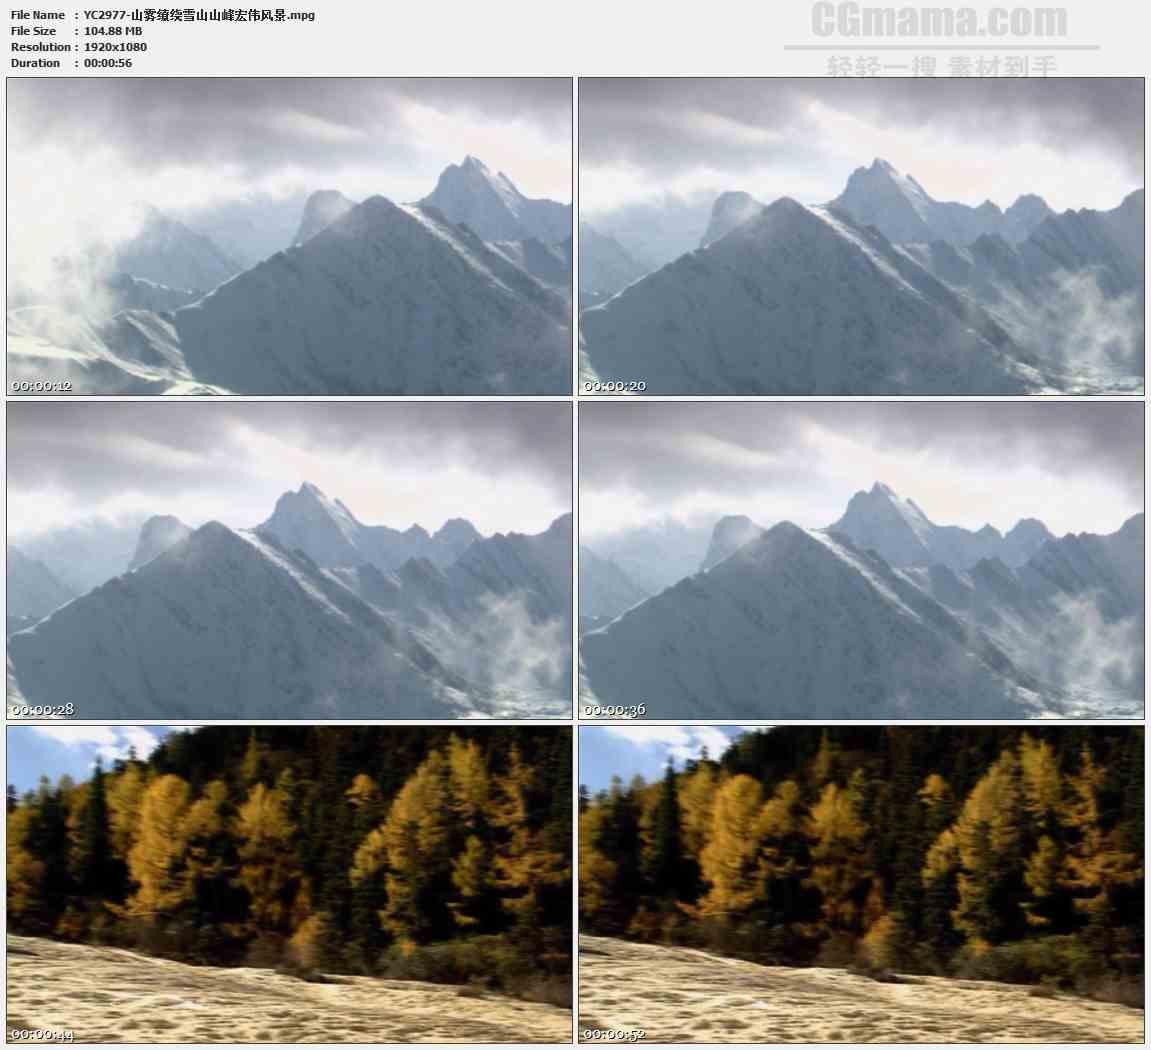 yc2977-山雾缭绕雪山山峰宏伟风景高清实拍视频素材